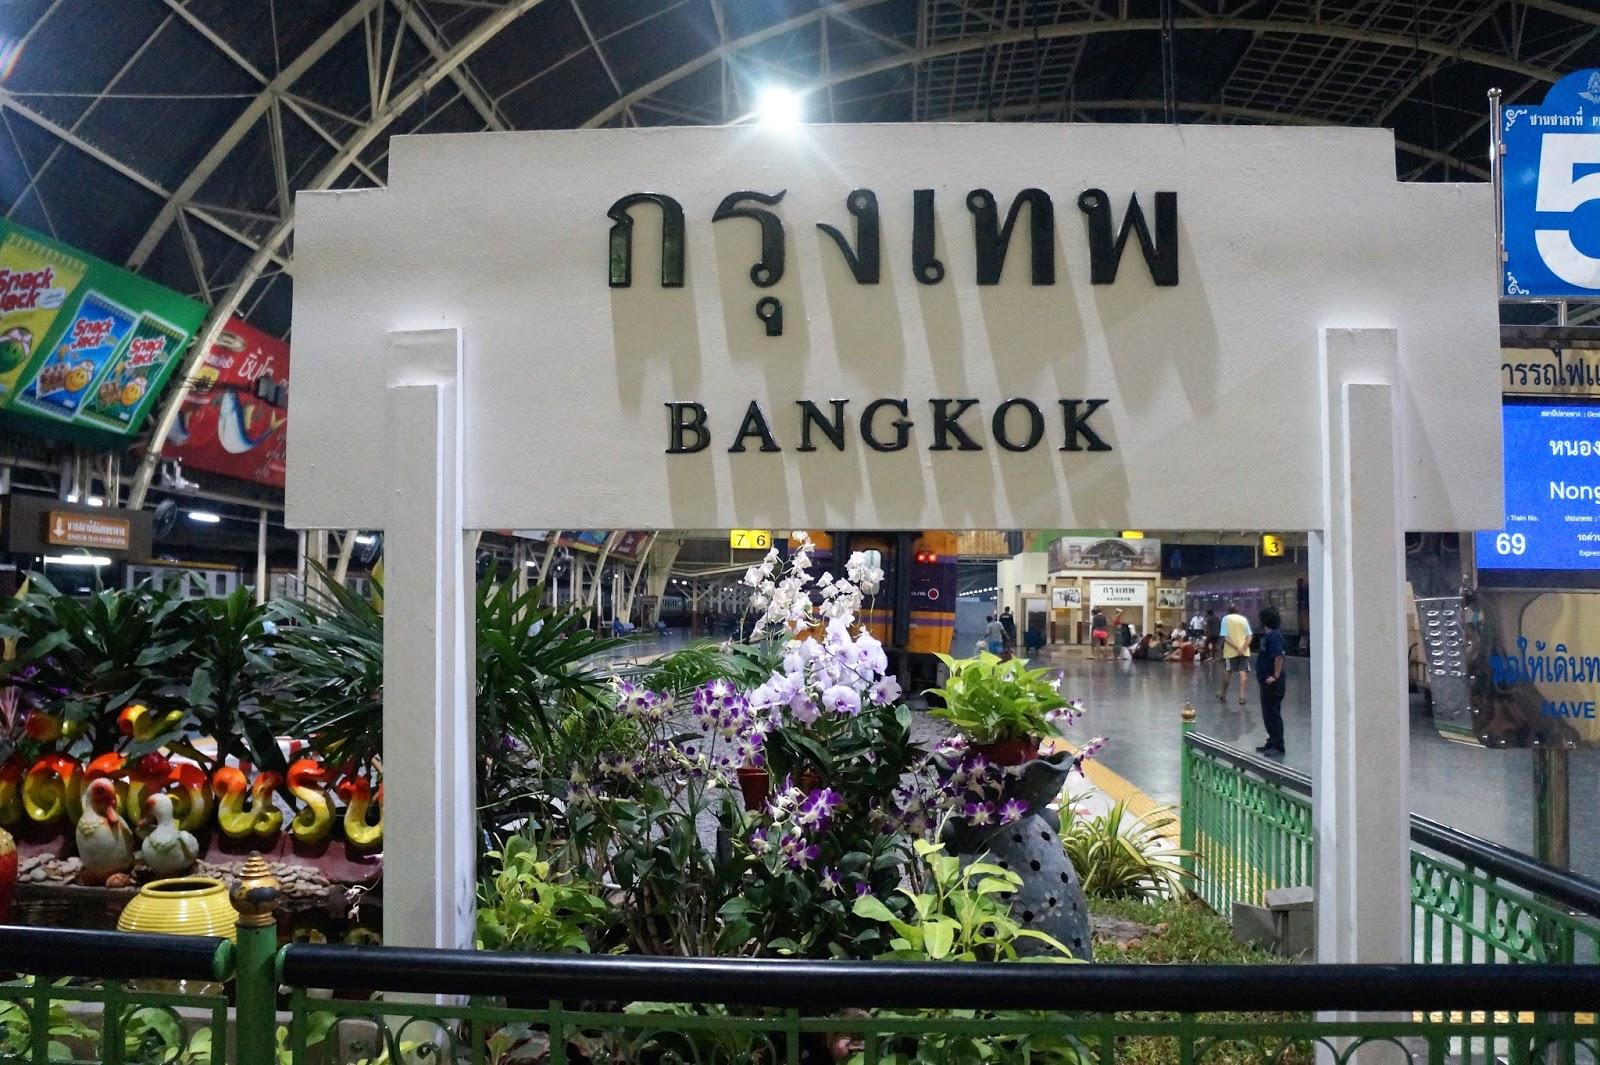 jedzenie tajskie, tajland food, gdzie jeść w Tajlandii? jak podróżować po bangkoku, tanie wakacje w tajlandii